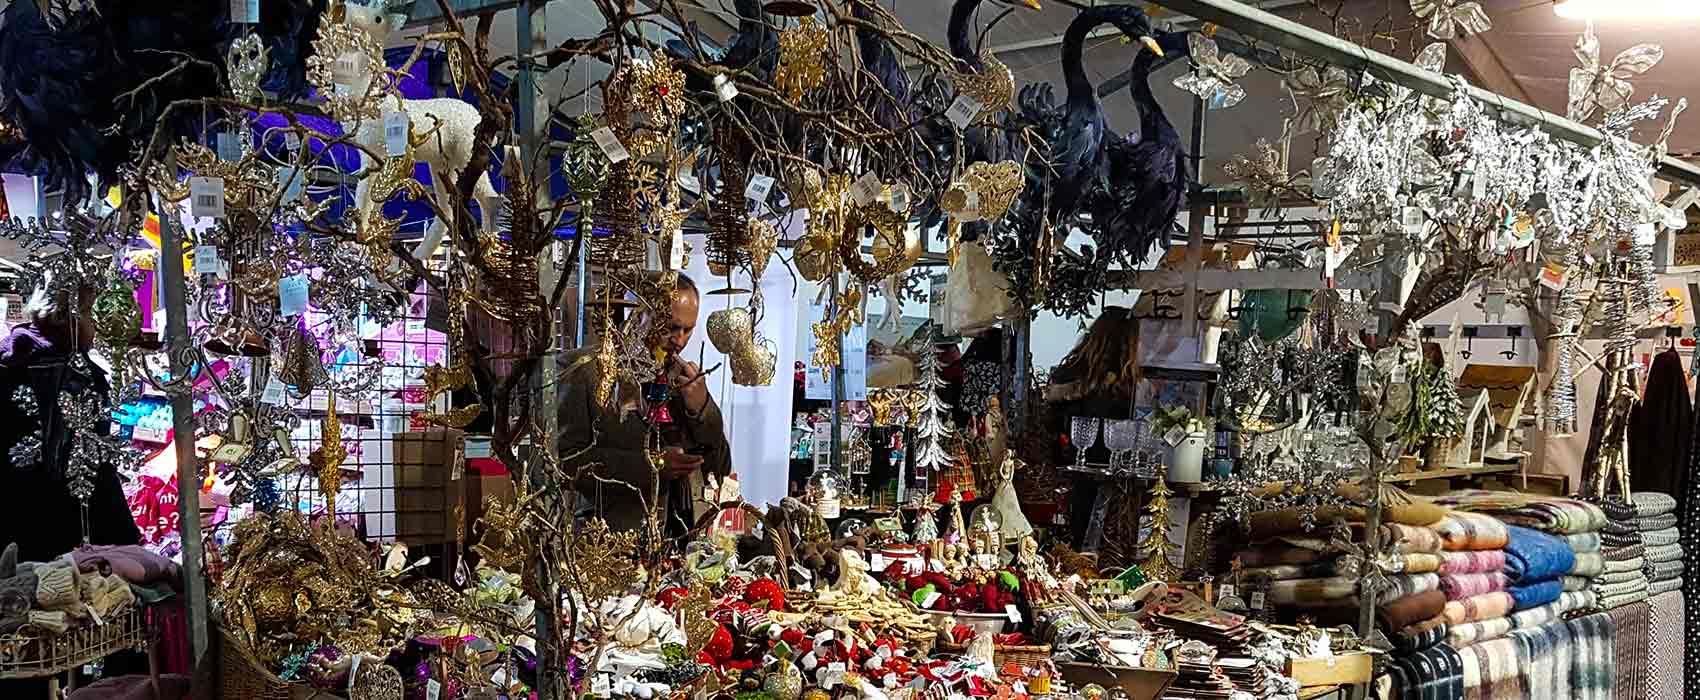 Christmas market stall in Matlock